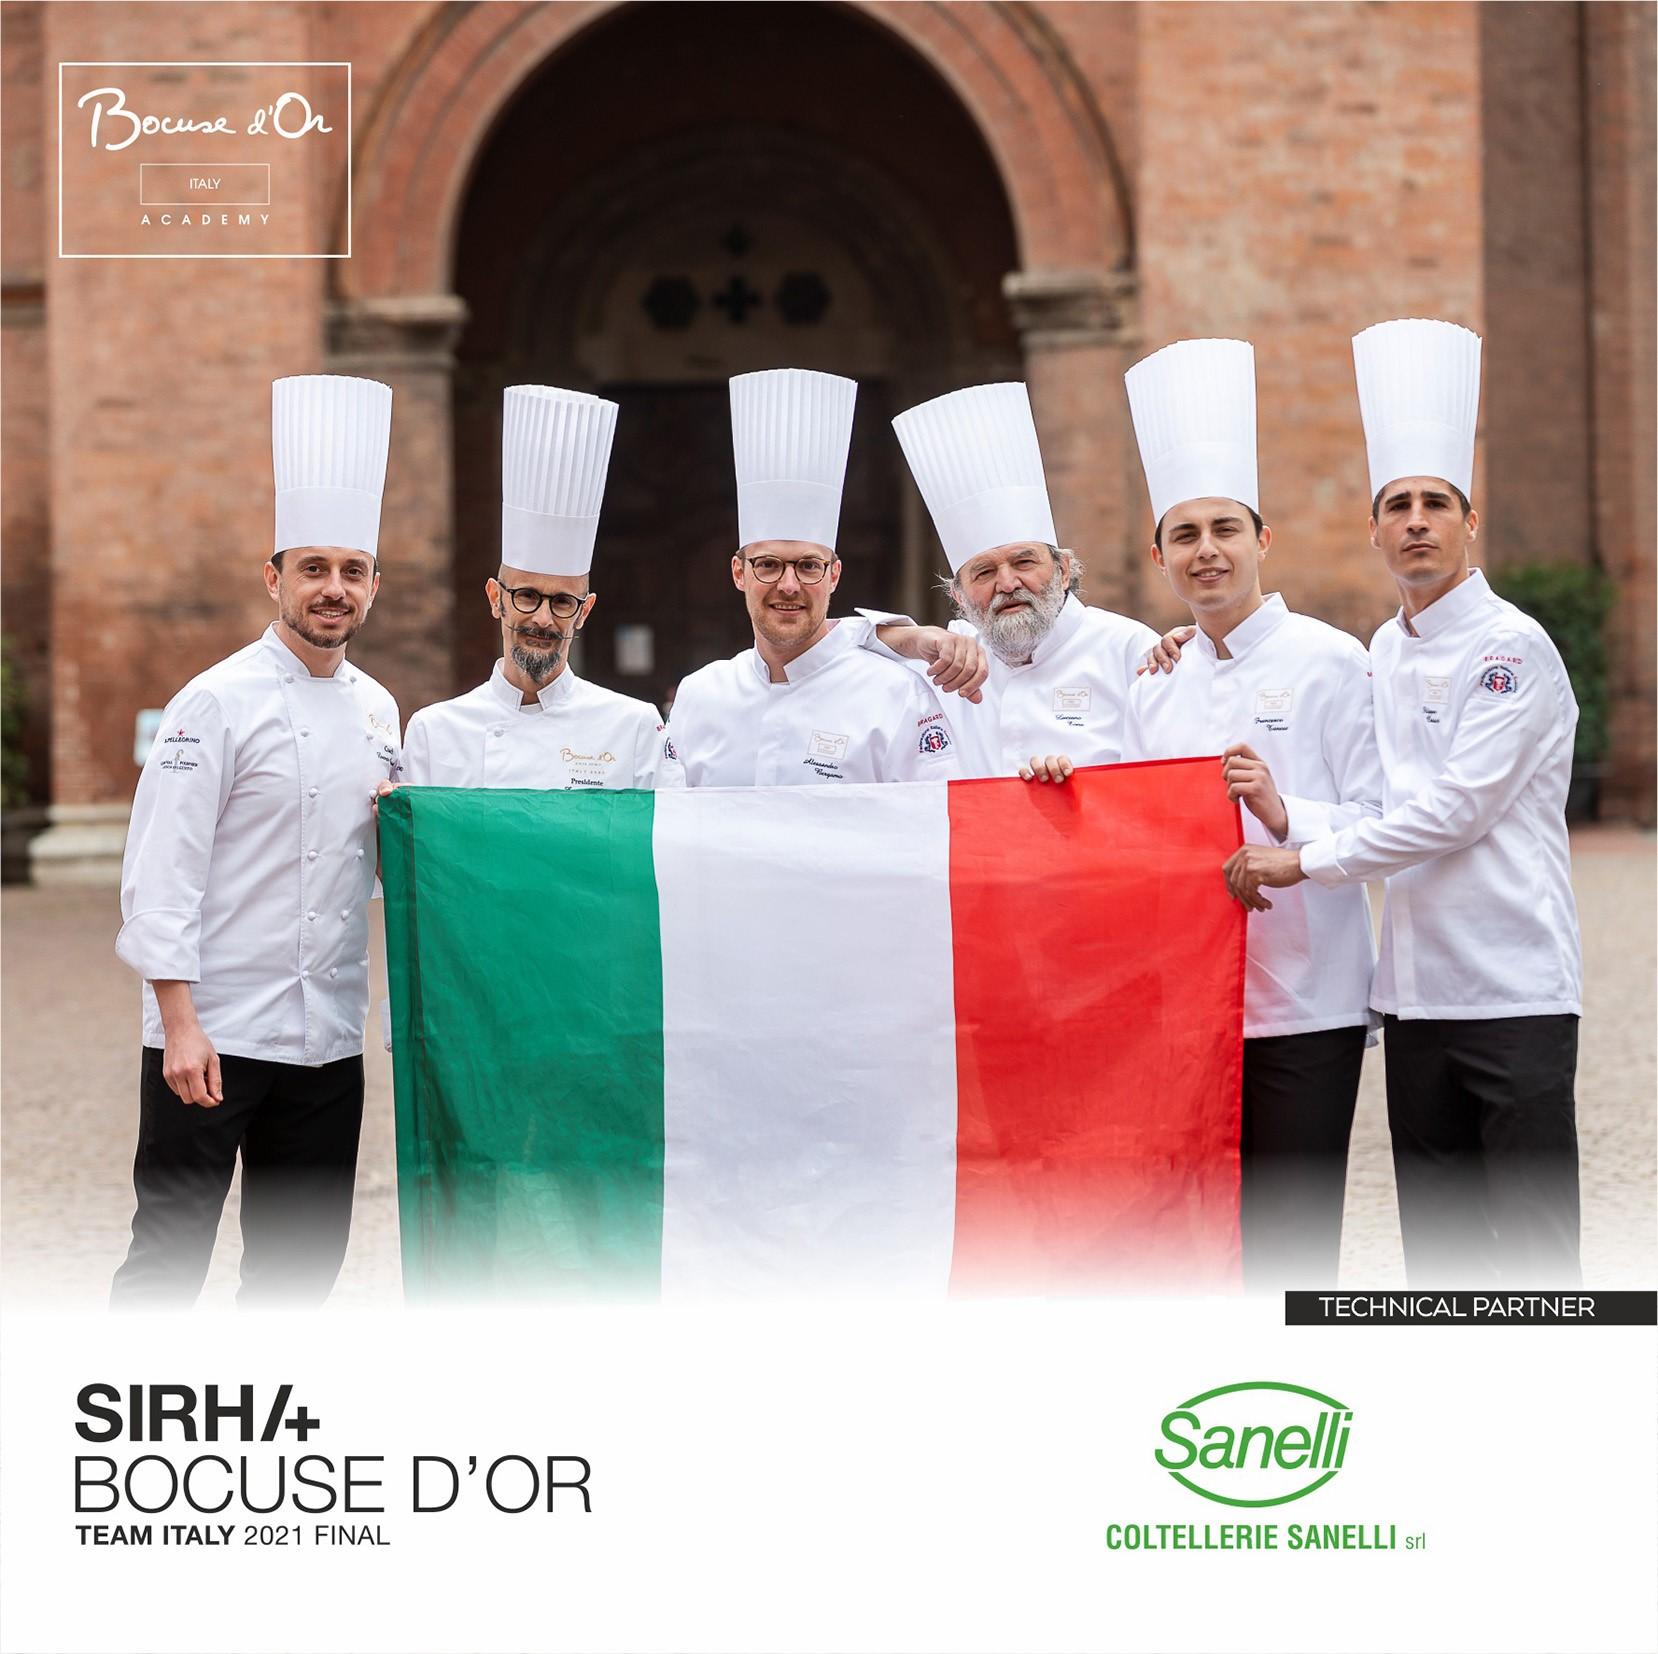 Bocuse D'Or Italy Academy